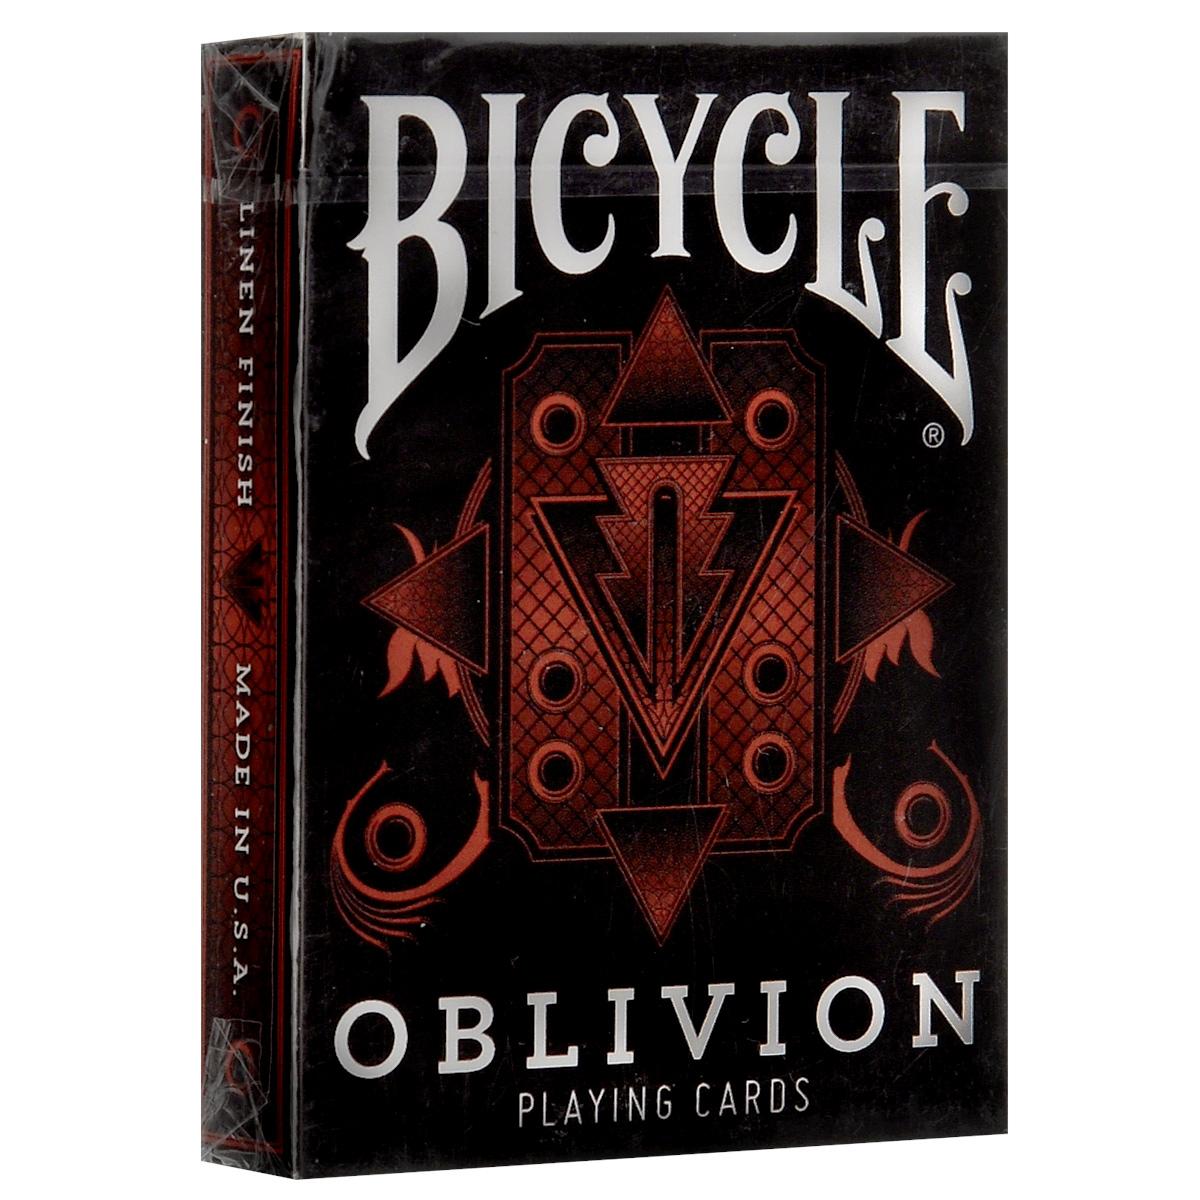 Игральные карты Bicycle Oblivion, цвет: черный, красныйК-312Игральные карты Bicycle Oblivion - колода превосходного качества, которая прослужит вам долгие годы. Оригинальные дизайнерские Тузы, фигуры, Джокер, специальные карты не оставят вас равнодушными. Игральные карты Bicycle Oblivion - колода, разработанная Дэйвом Бемом.